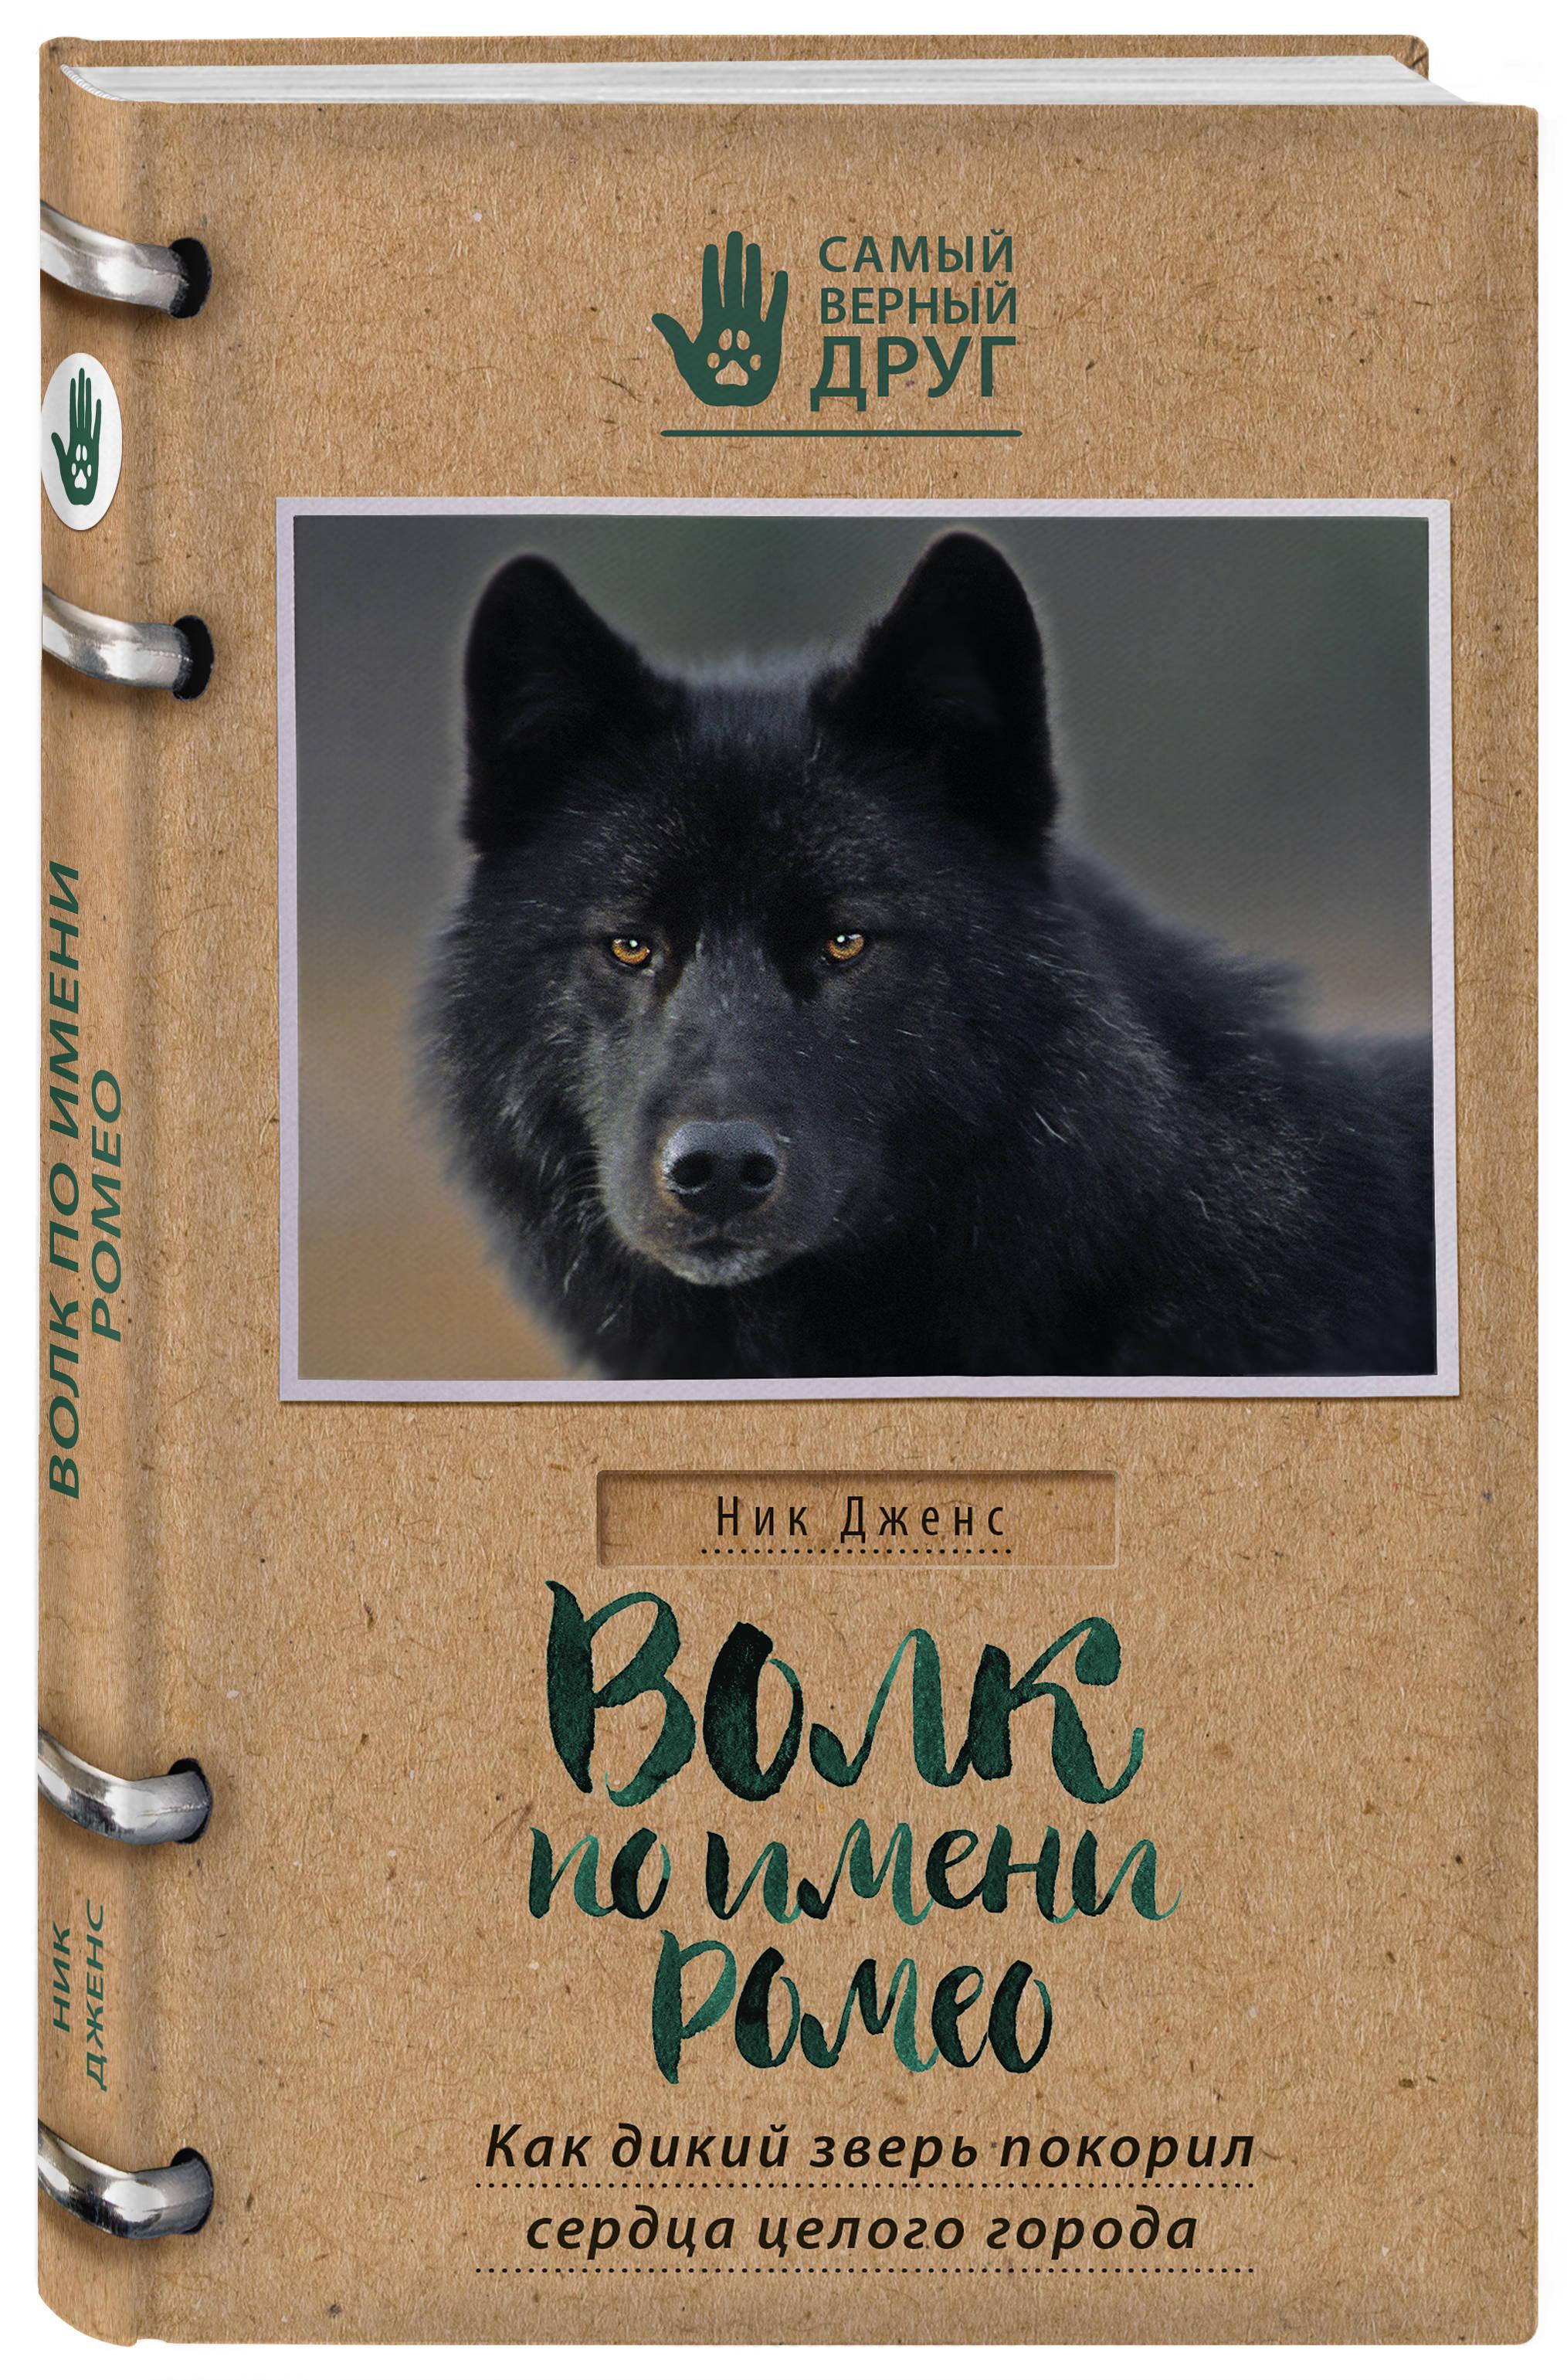 Волк по имени Ромео. Как дикий зверь покорил сердца целого города ( Дженс Н.  )